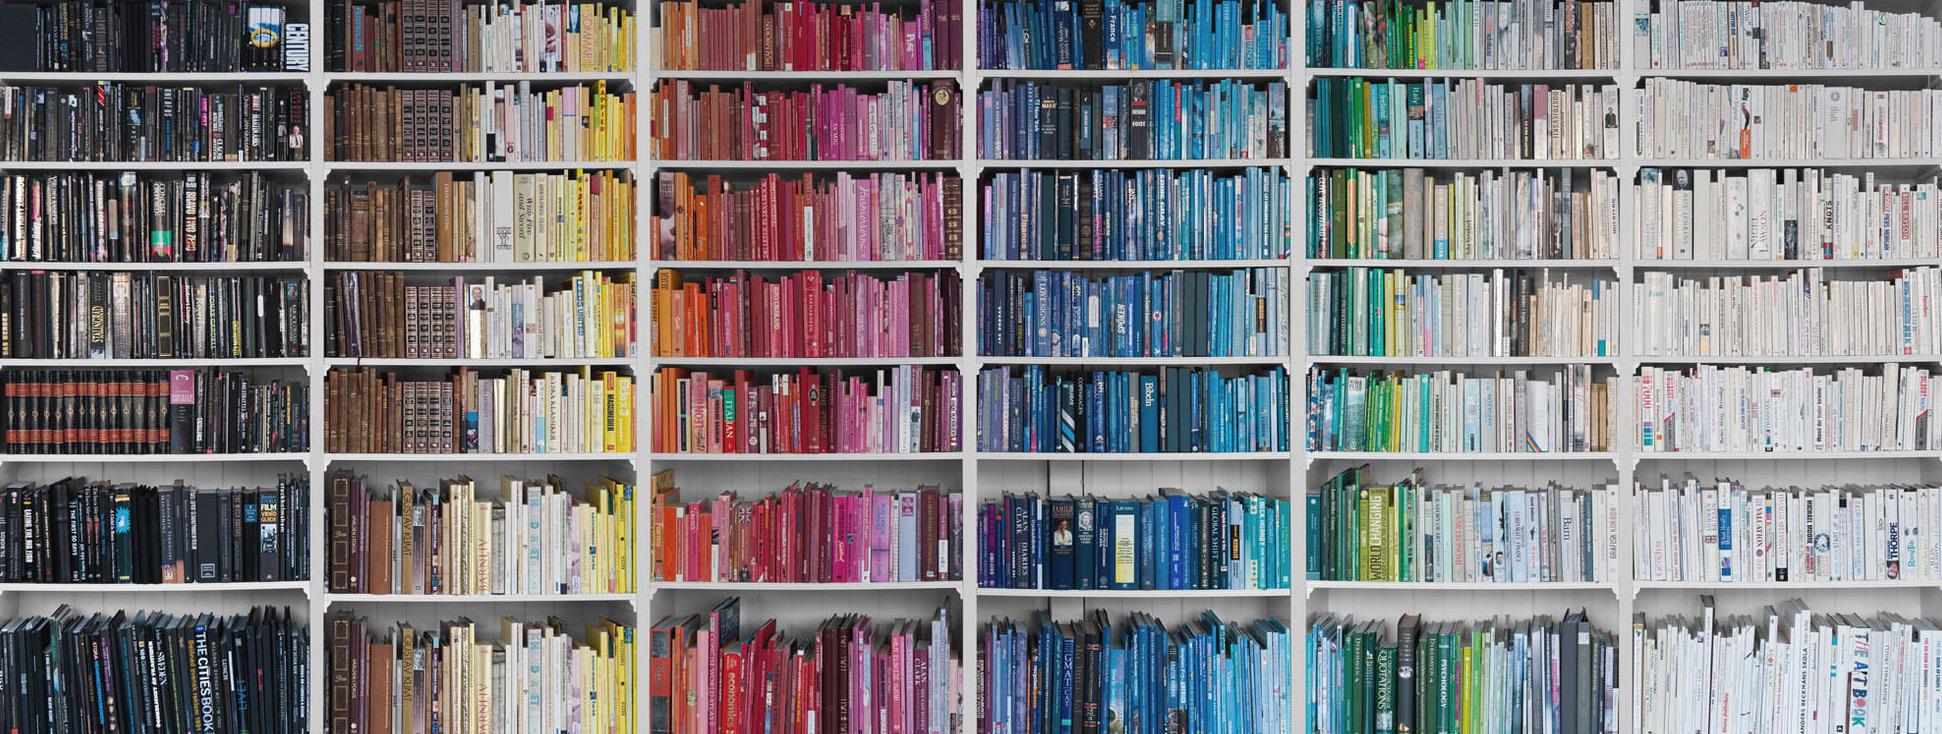 Book Wallpaper New Wallpaper Of Books  Wallpapersafari 2017